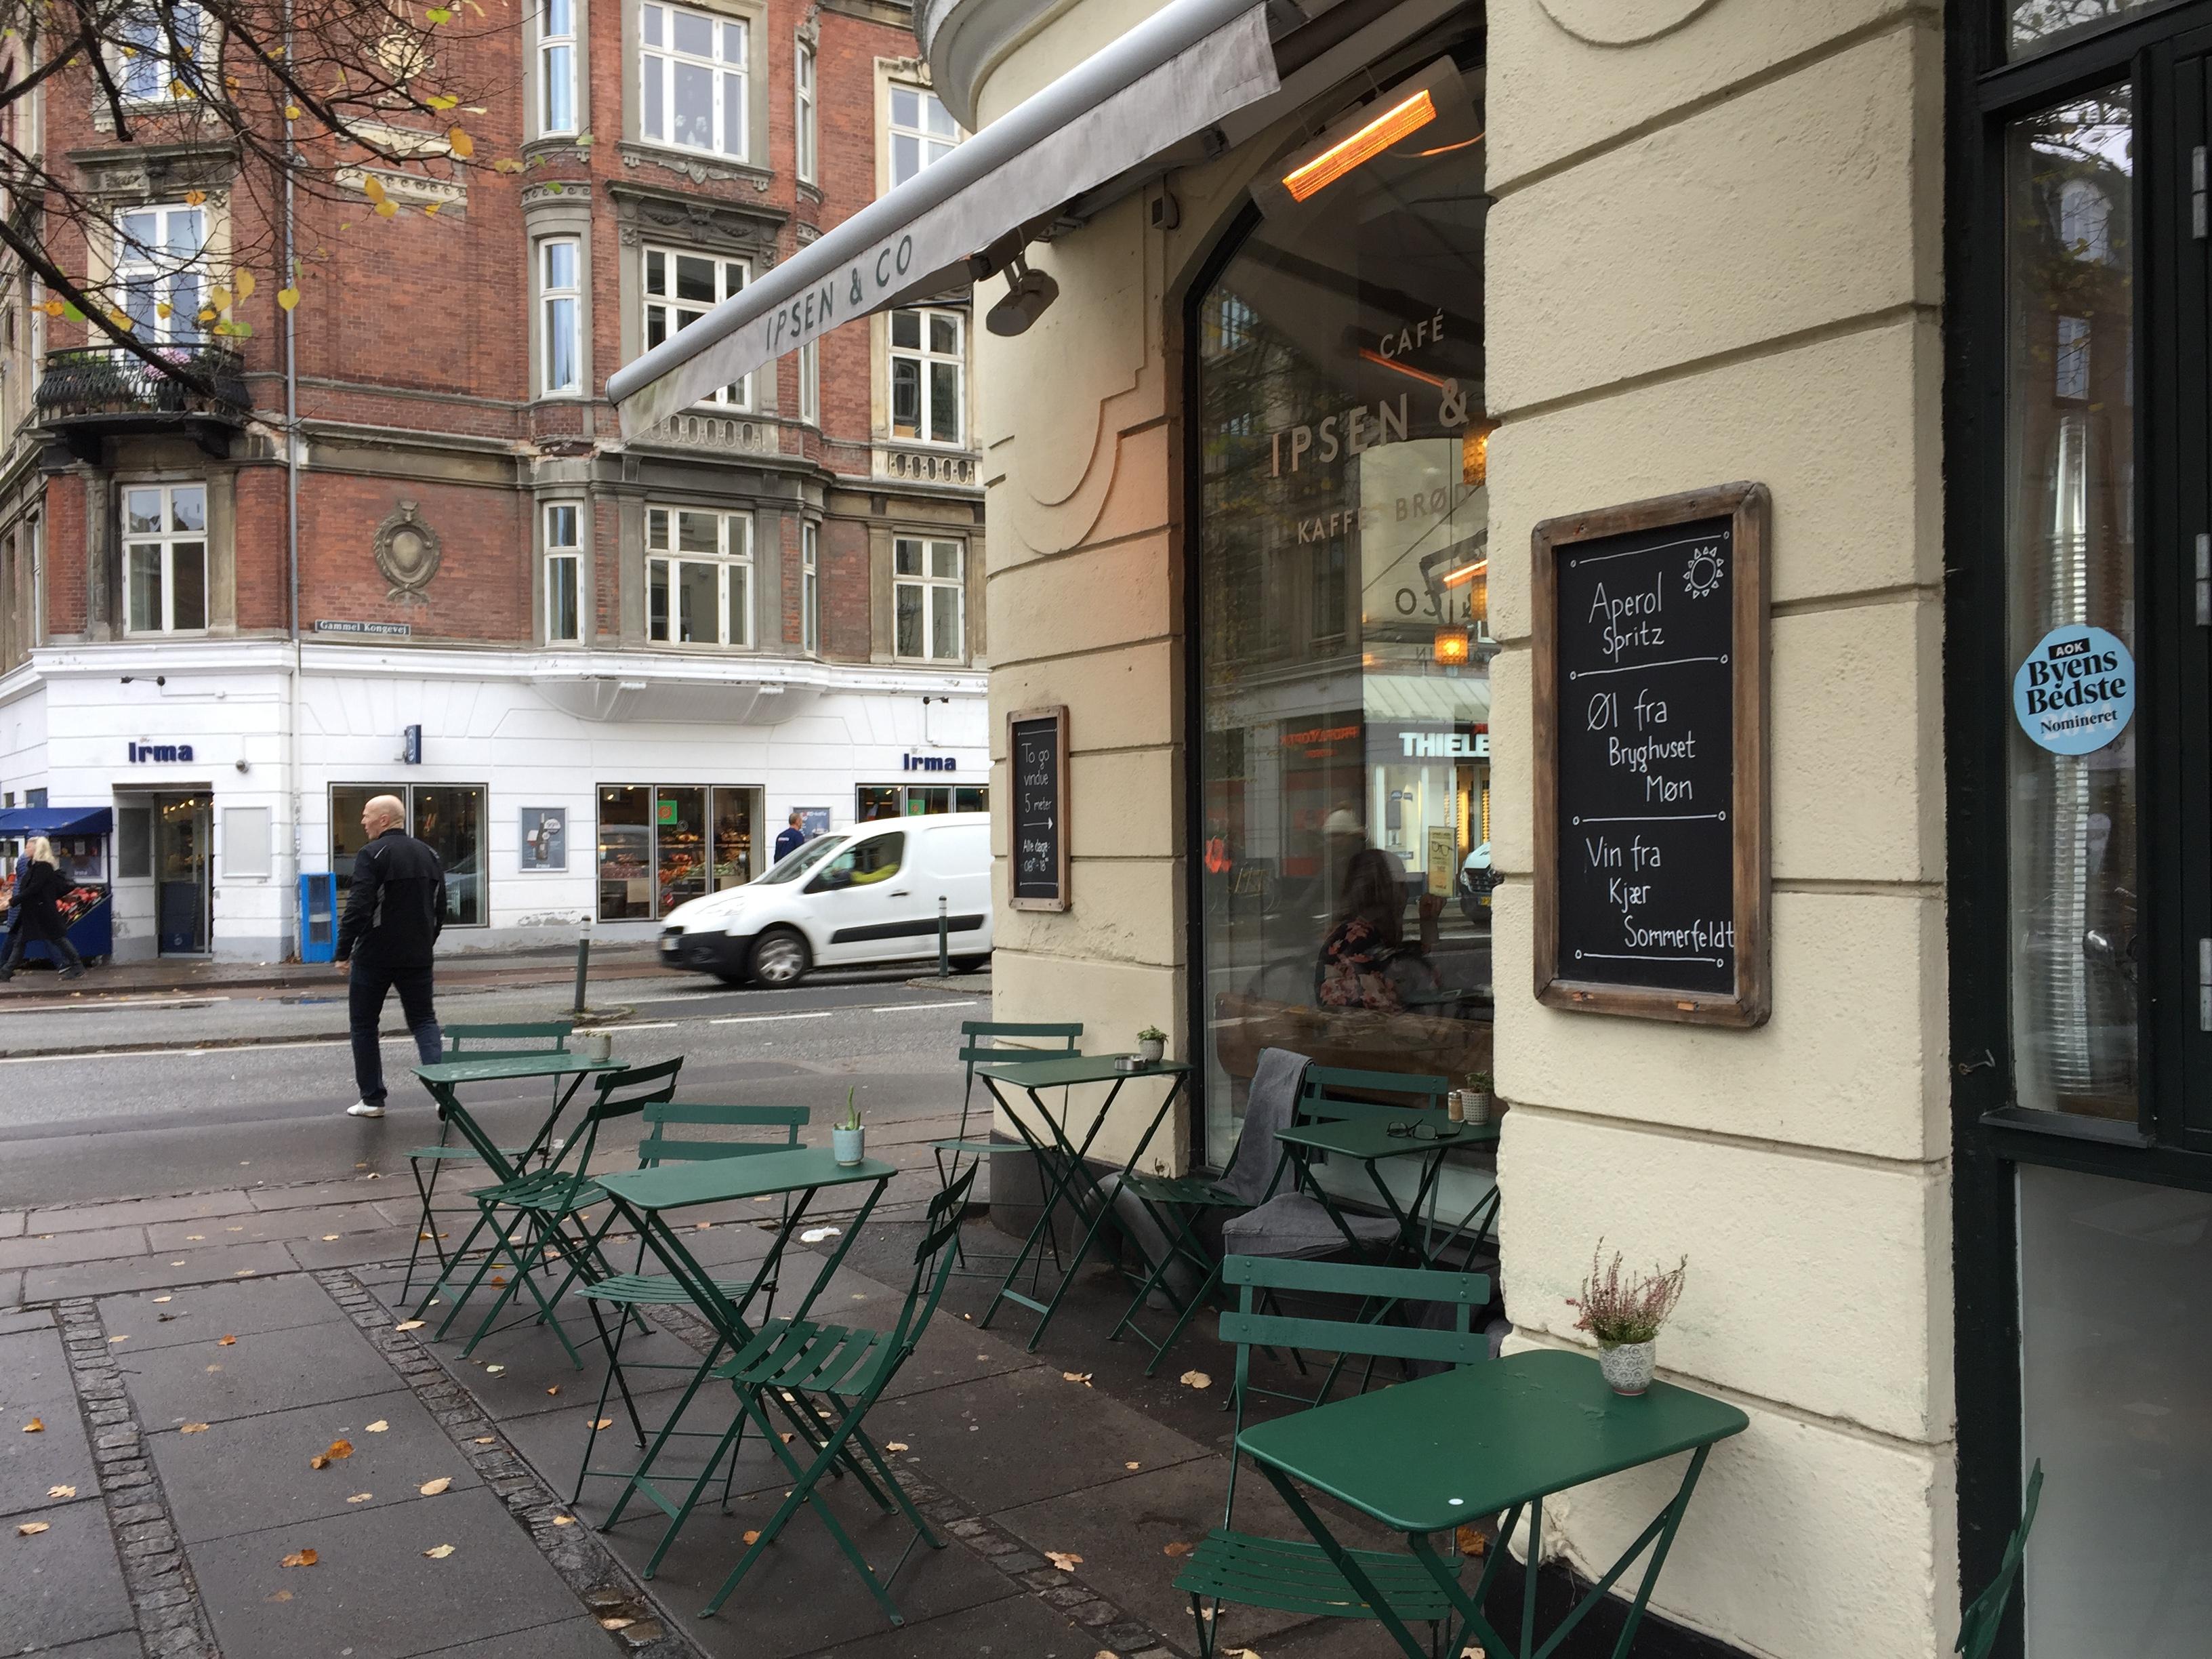 maude cafe gammel kongevej